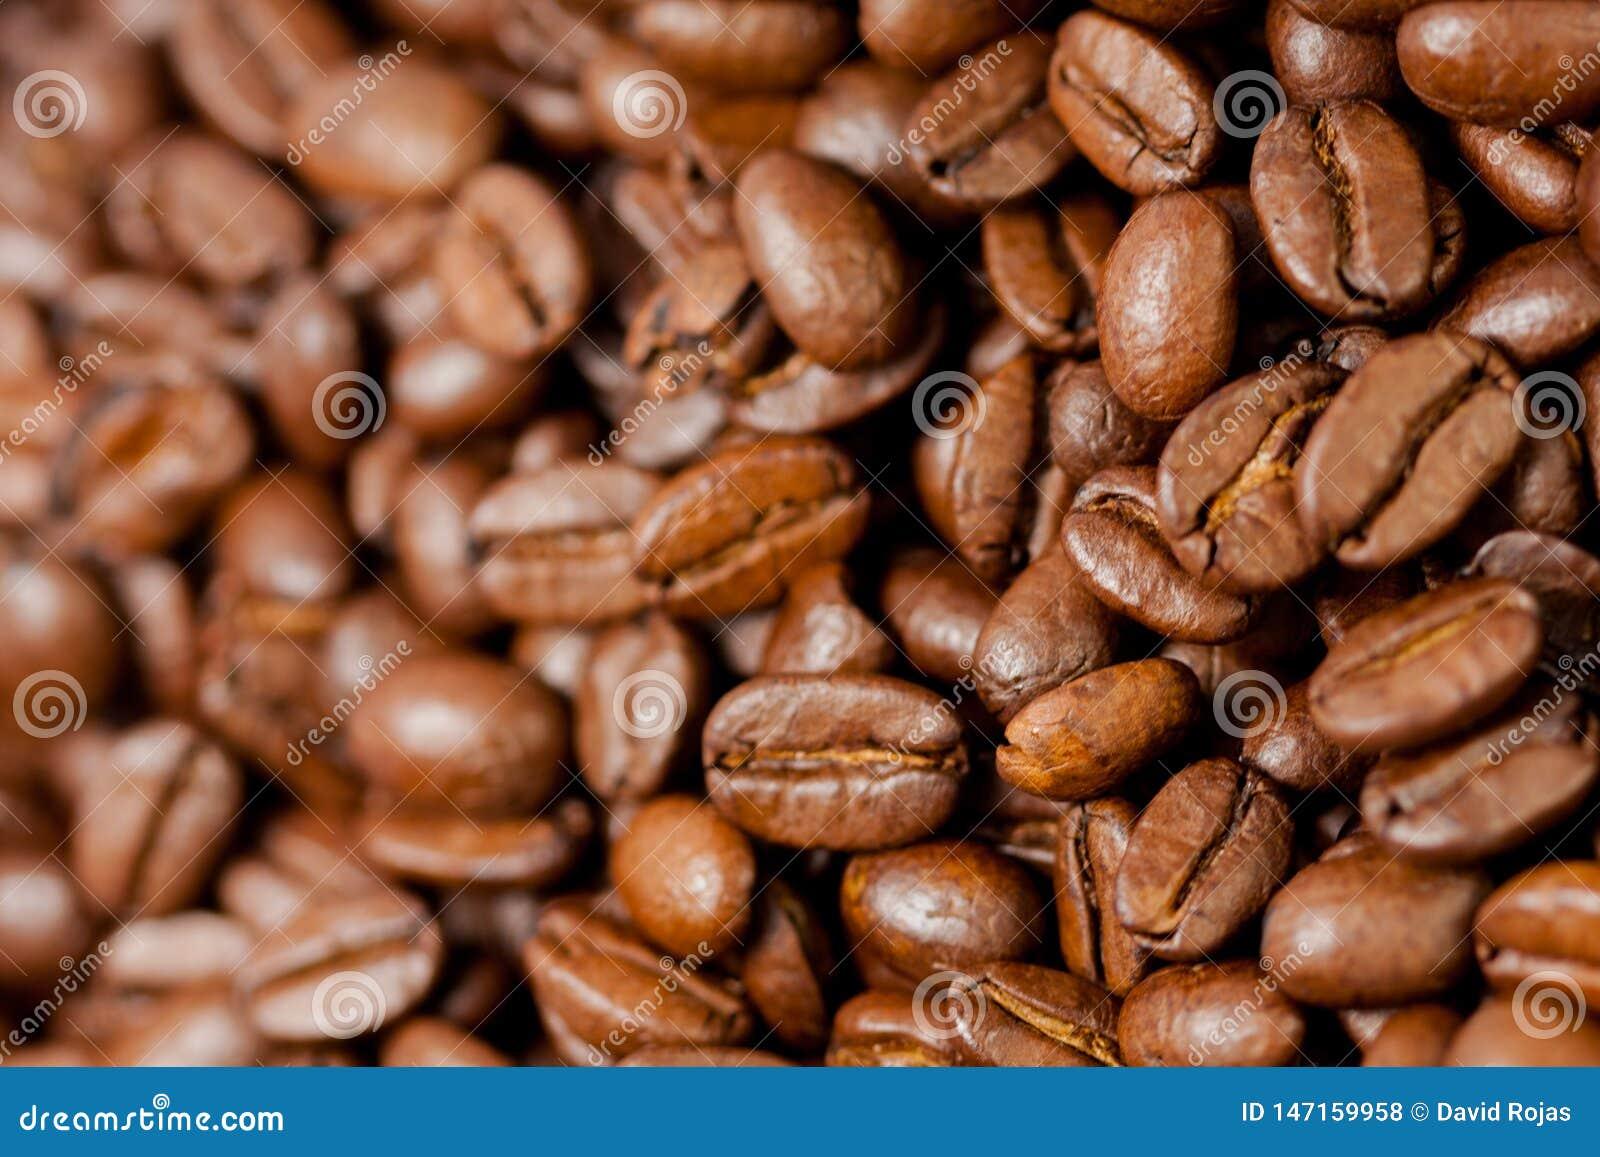 Πρόσφατα τα φασόλια επίγειου καφέ έψησαν με τους καρπούς του φυτού καφέ, πλήρεις των σιταριών